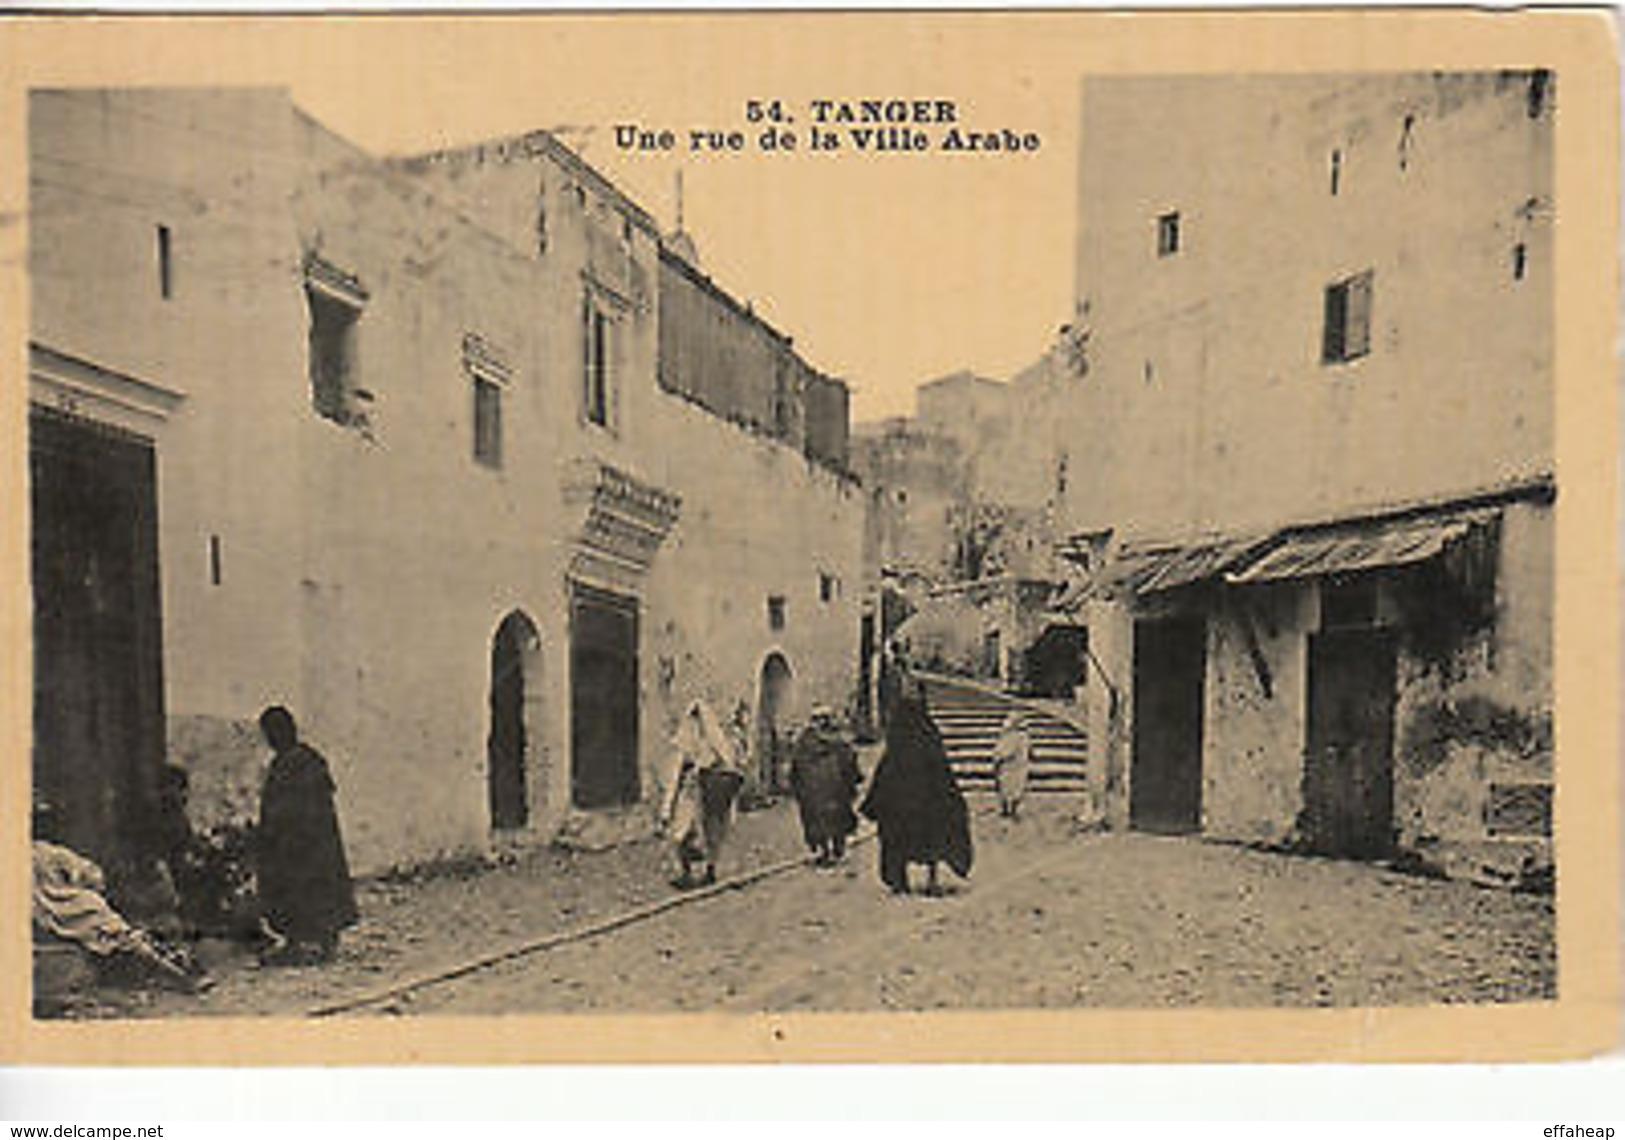 Morocco: Postcard, 'Une Rue De La Ville Arabe'; Tangier To Bordeaux, 14 Aug 1933 - Europe (Other)